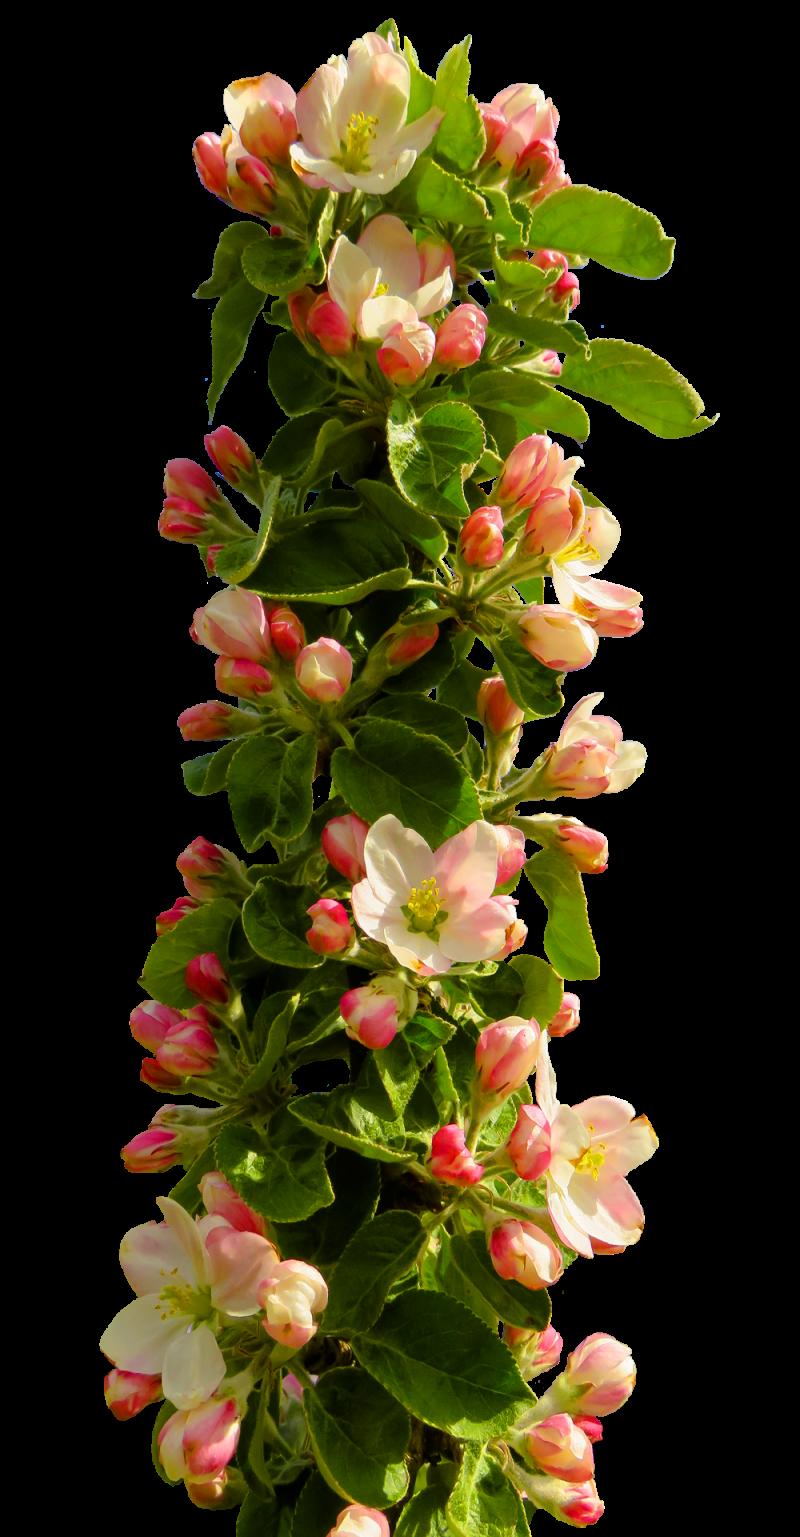 Spring Flower PNG Image